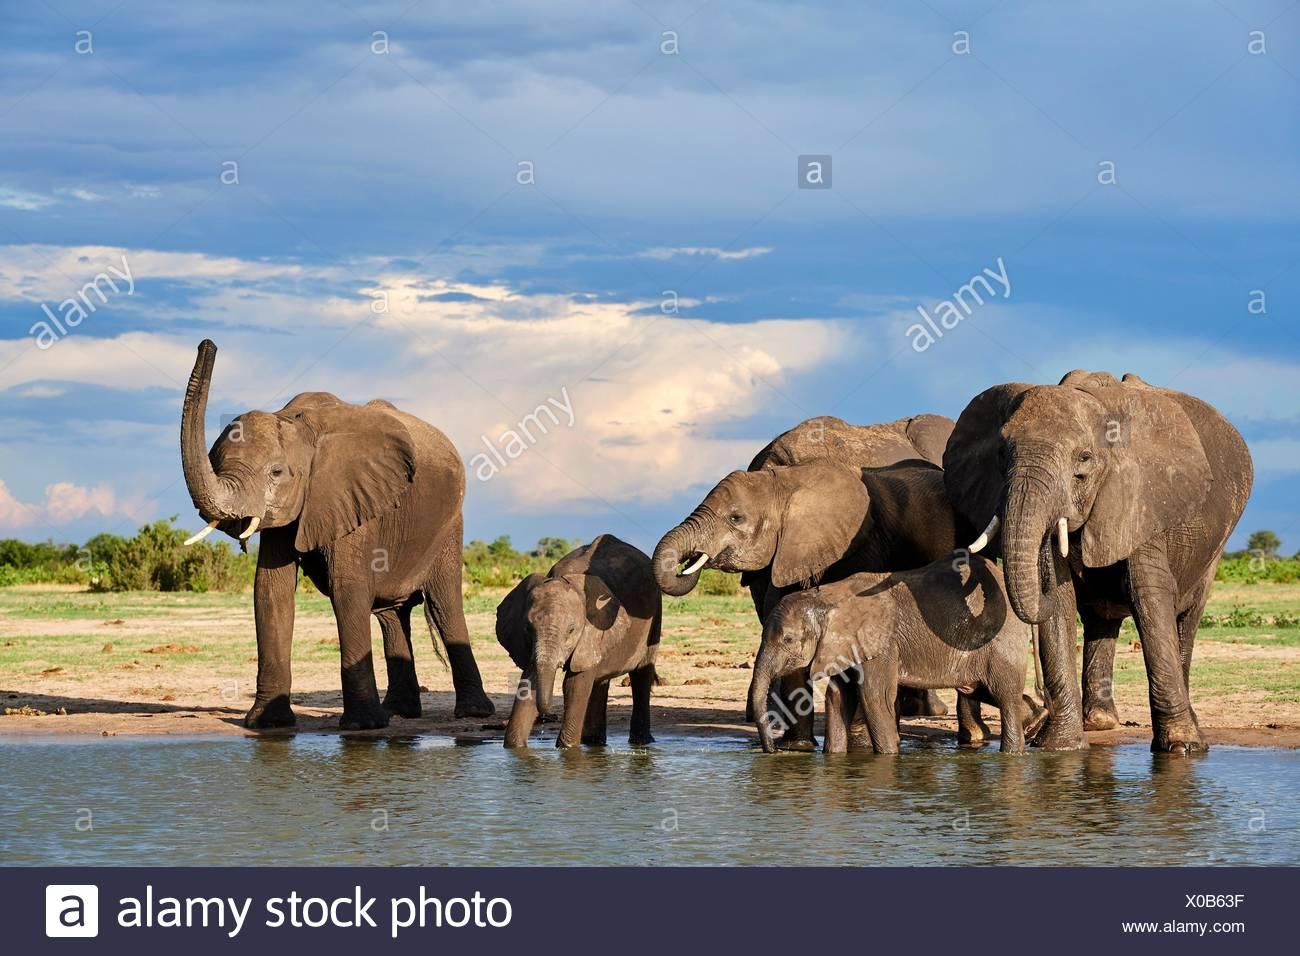 Groupe d'éléphants d'Afrique (Loxodonta africana) de l'alcool à un watehole. Le parc national de Hwange, Zimbabwe. Photo Stock